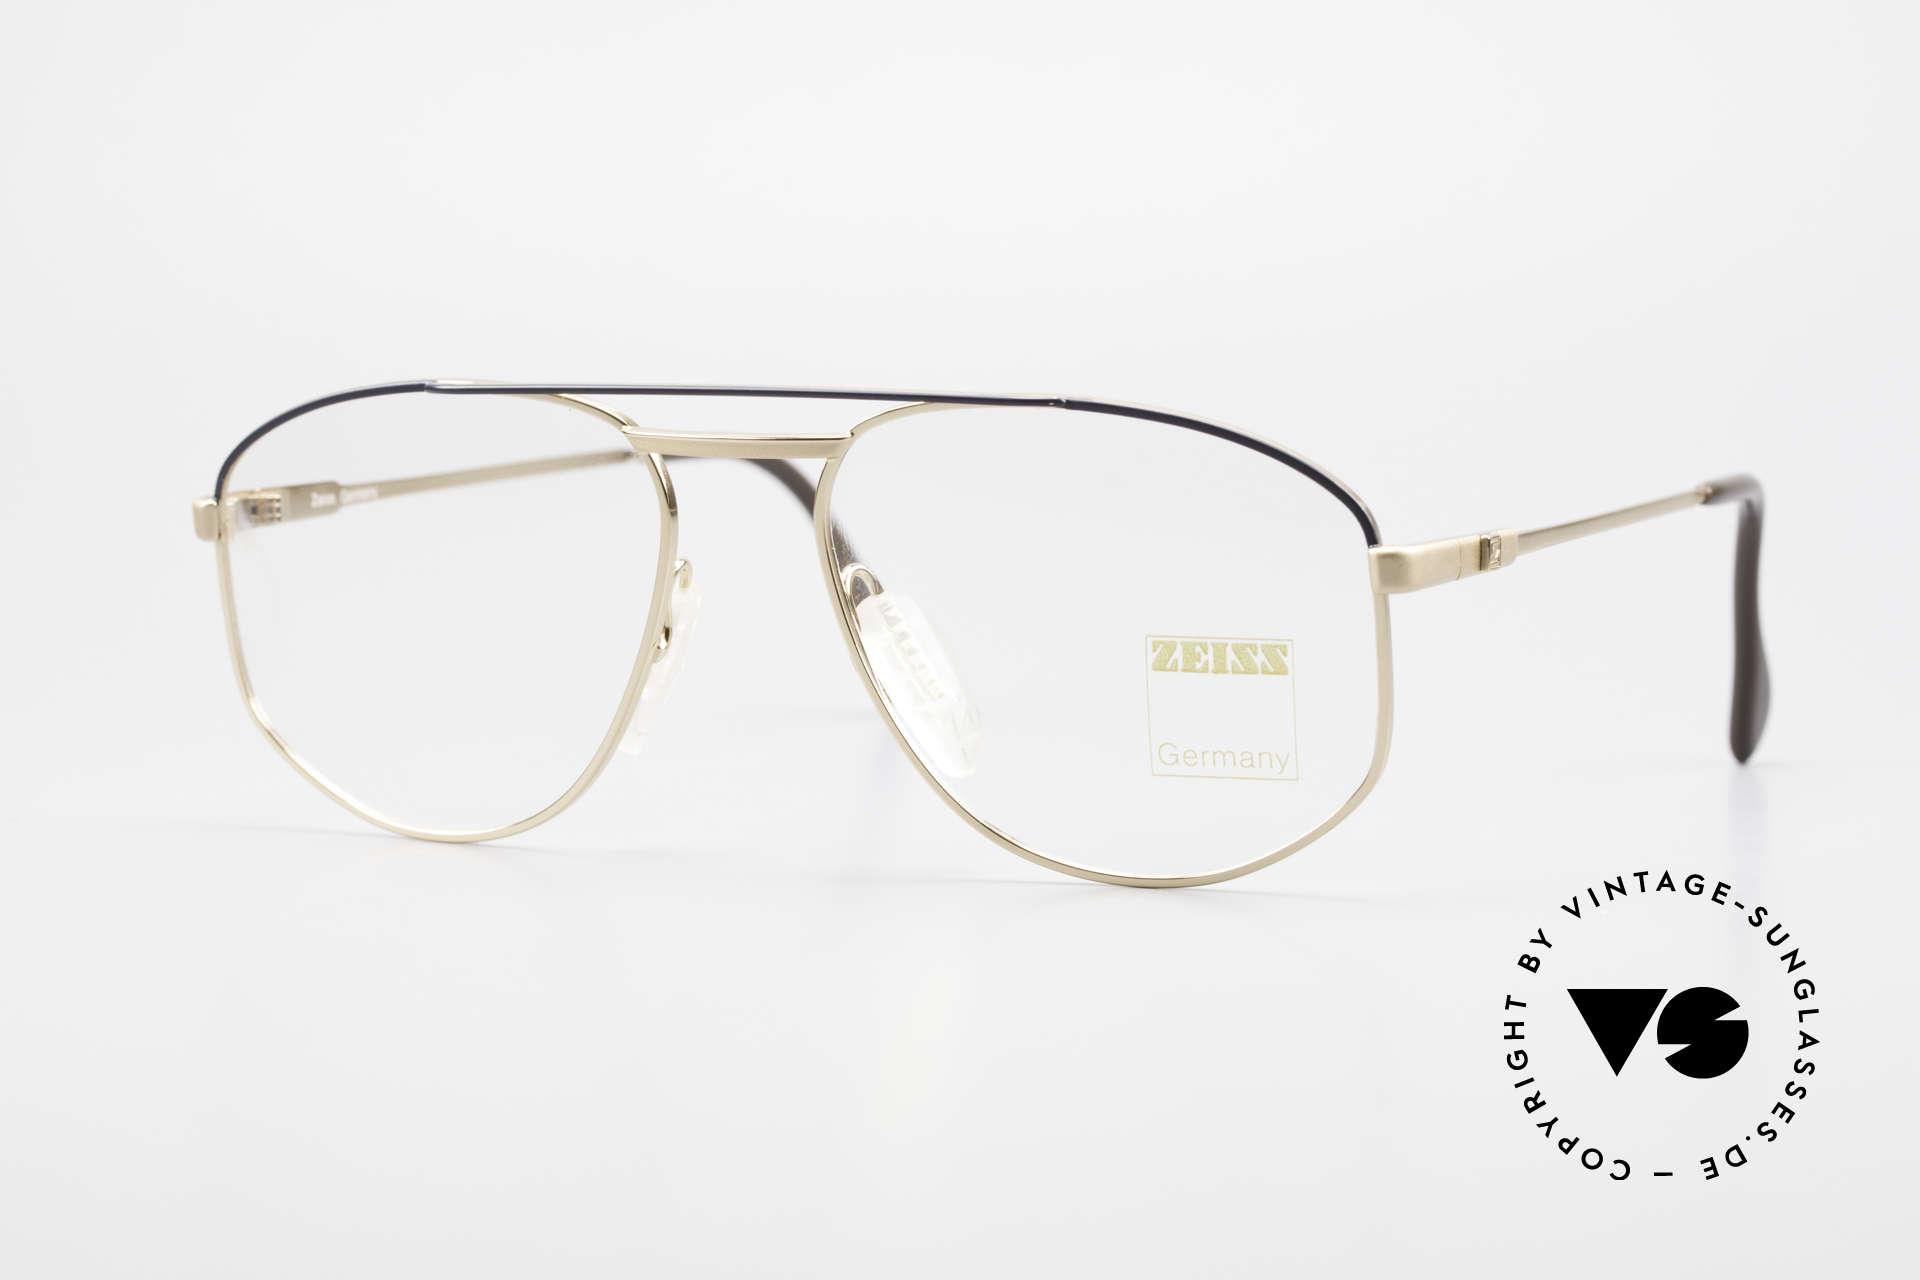 Zeiss 5923 Original Alte 90er Fassung, robuste Zeiss vintage Brillenfassung von circa 1990, Passend für Herren